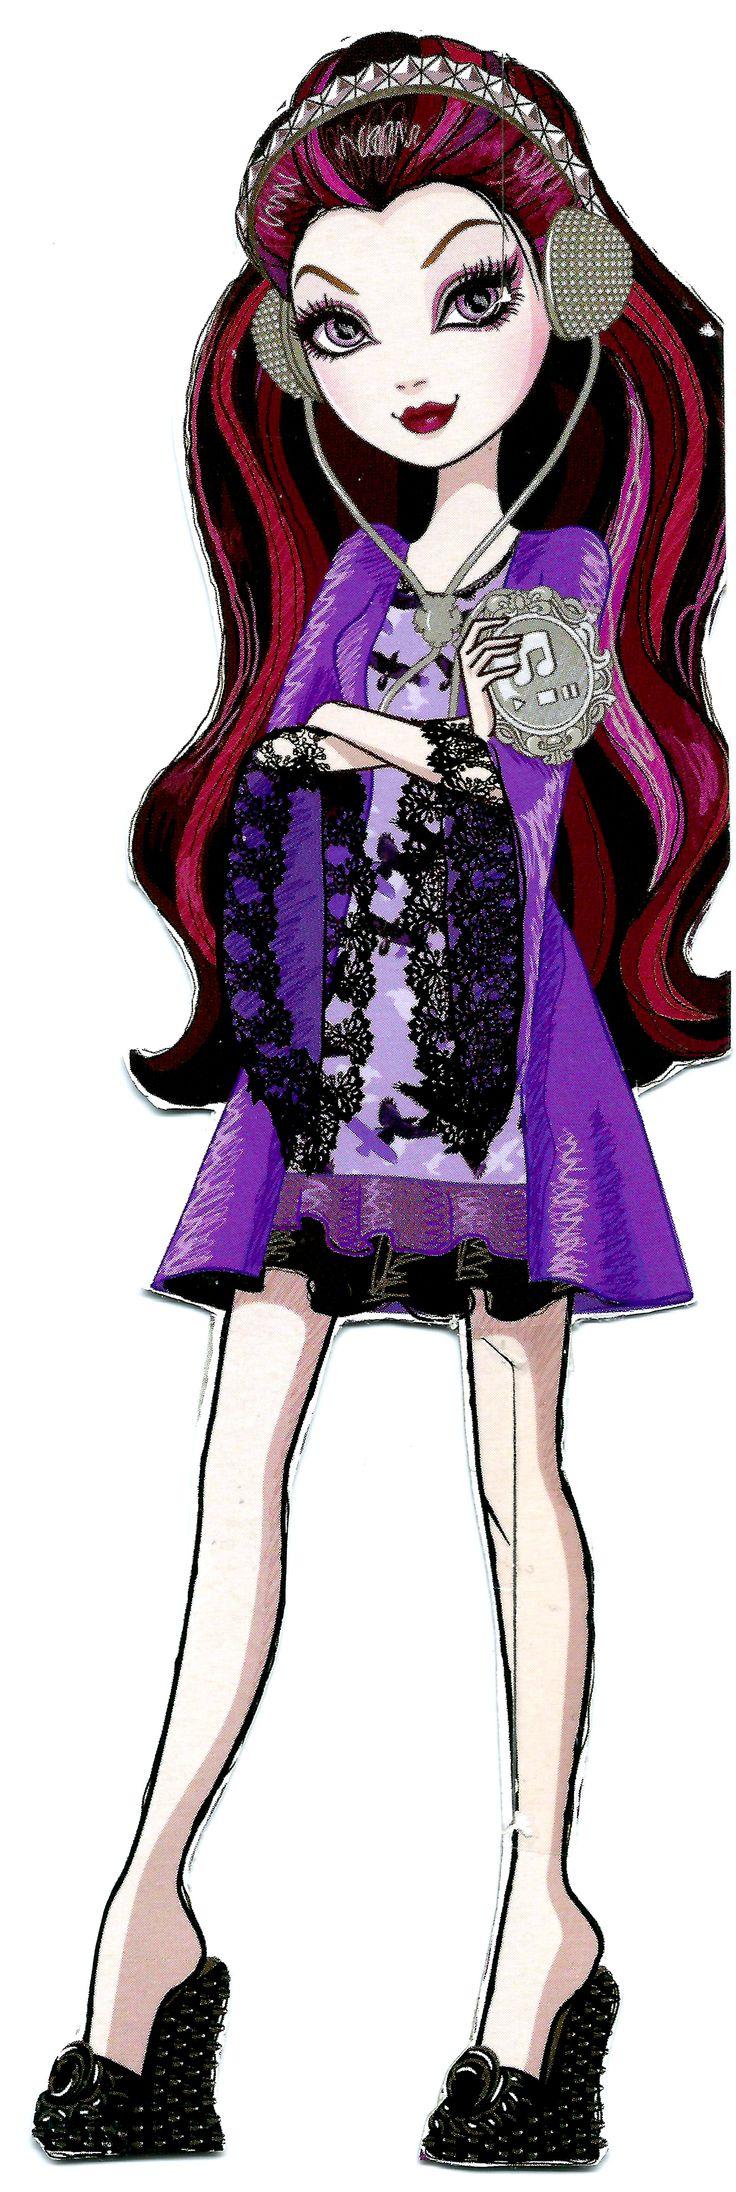 Raven Queen. Getting Fairest